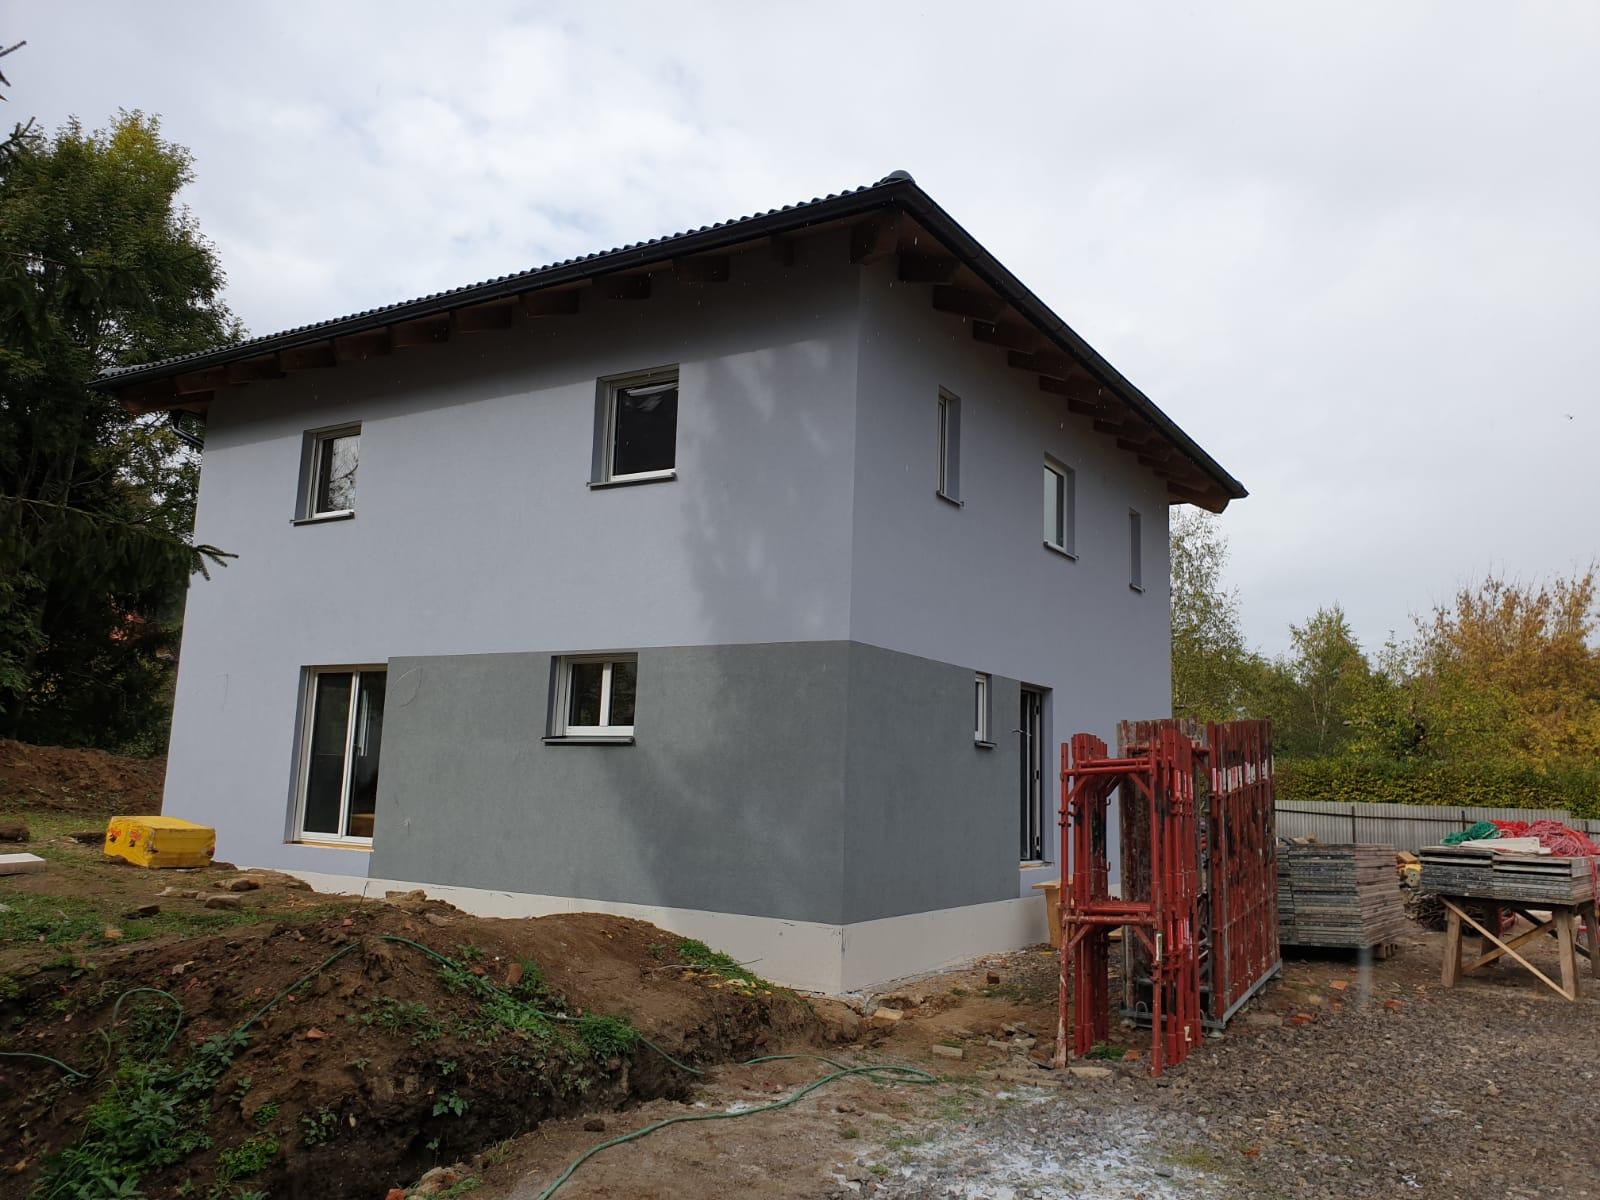 Riegelhaus